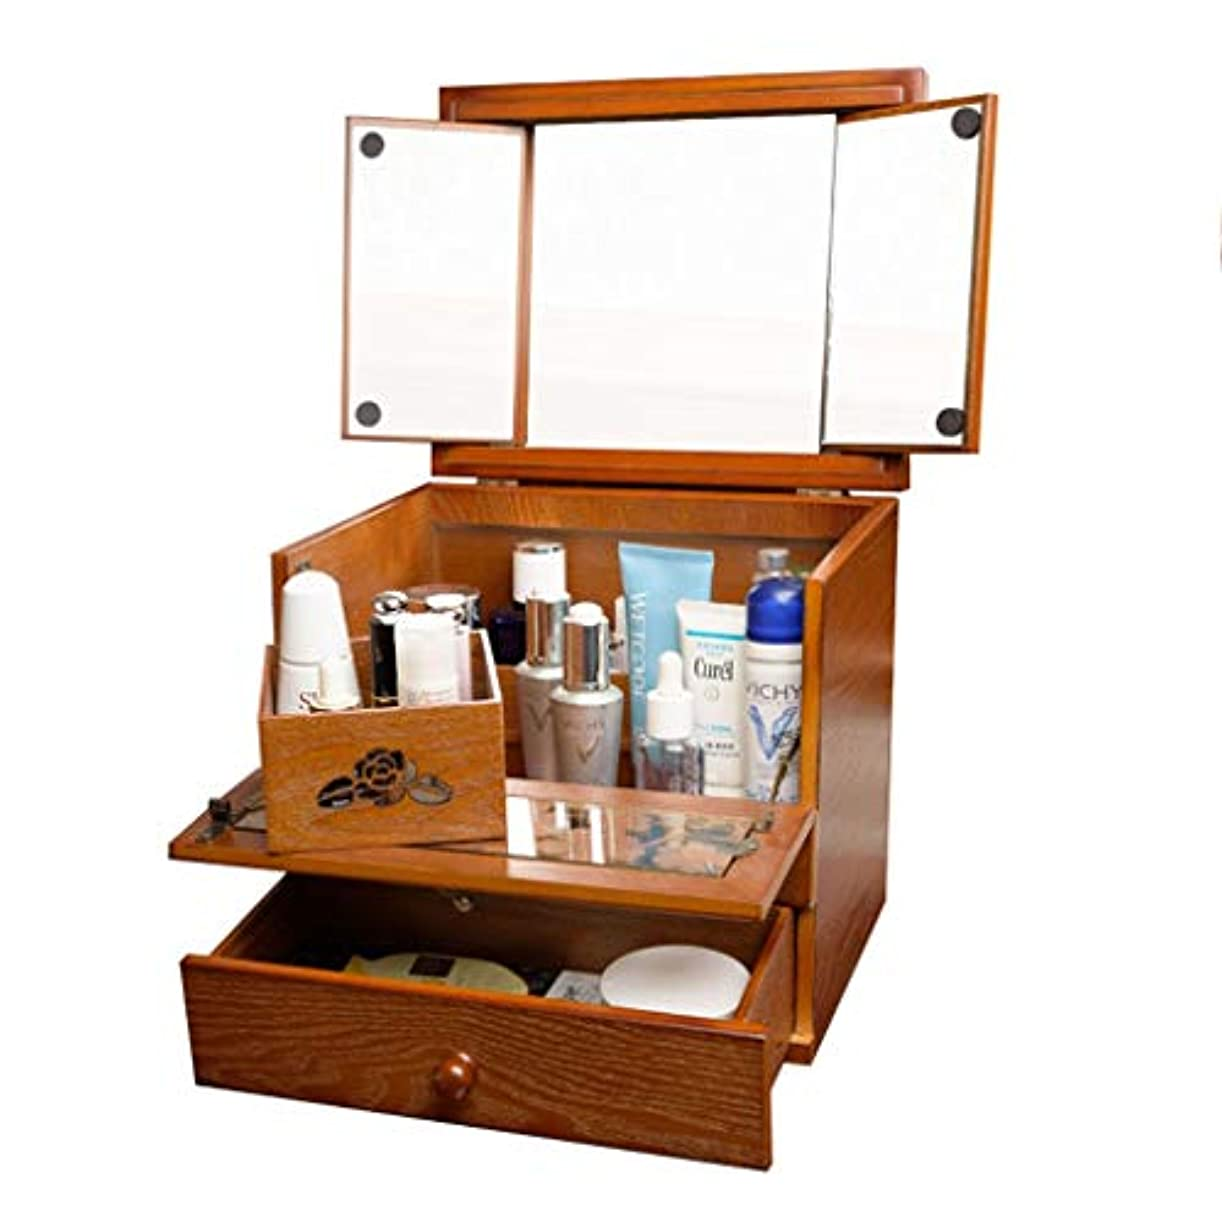 いつでもクレーン始めるメイクボックス 家庭化粧品収納ボックス木製大容量化粧箱鏡付きの小さなドレッシングテーブル (Color : Brown, Size : 27.5x22.5x32.5cm)